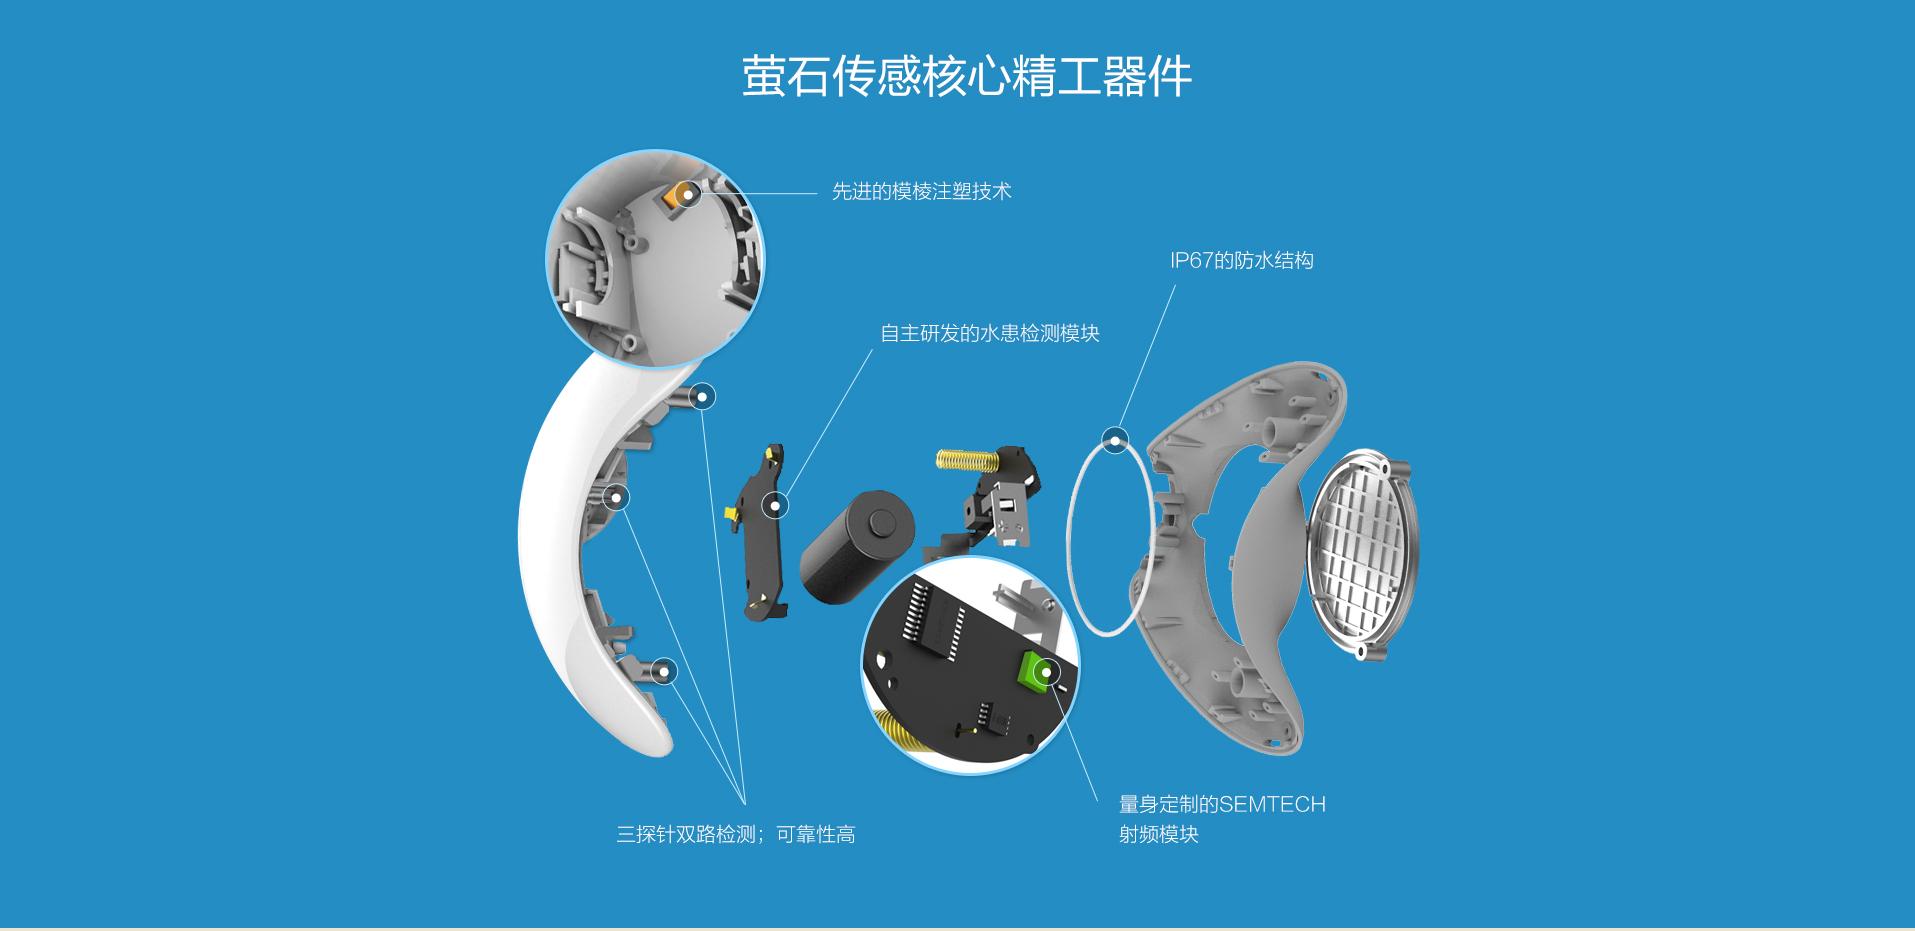 萤石T10无线水浸传感器_10